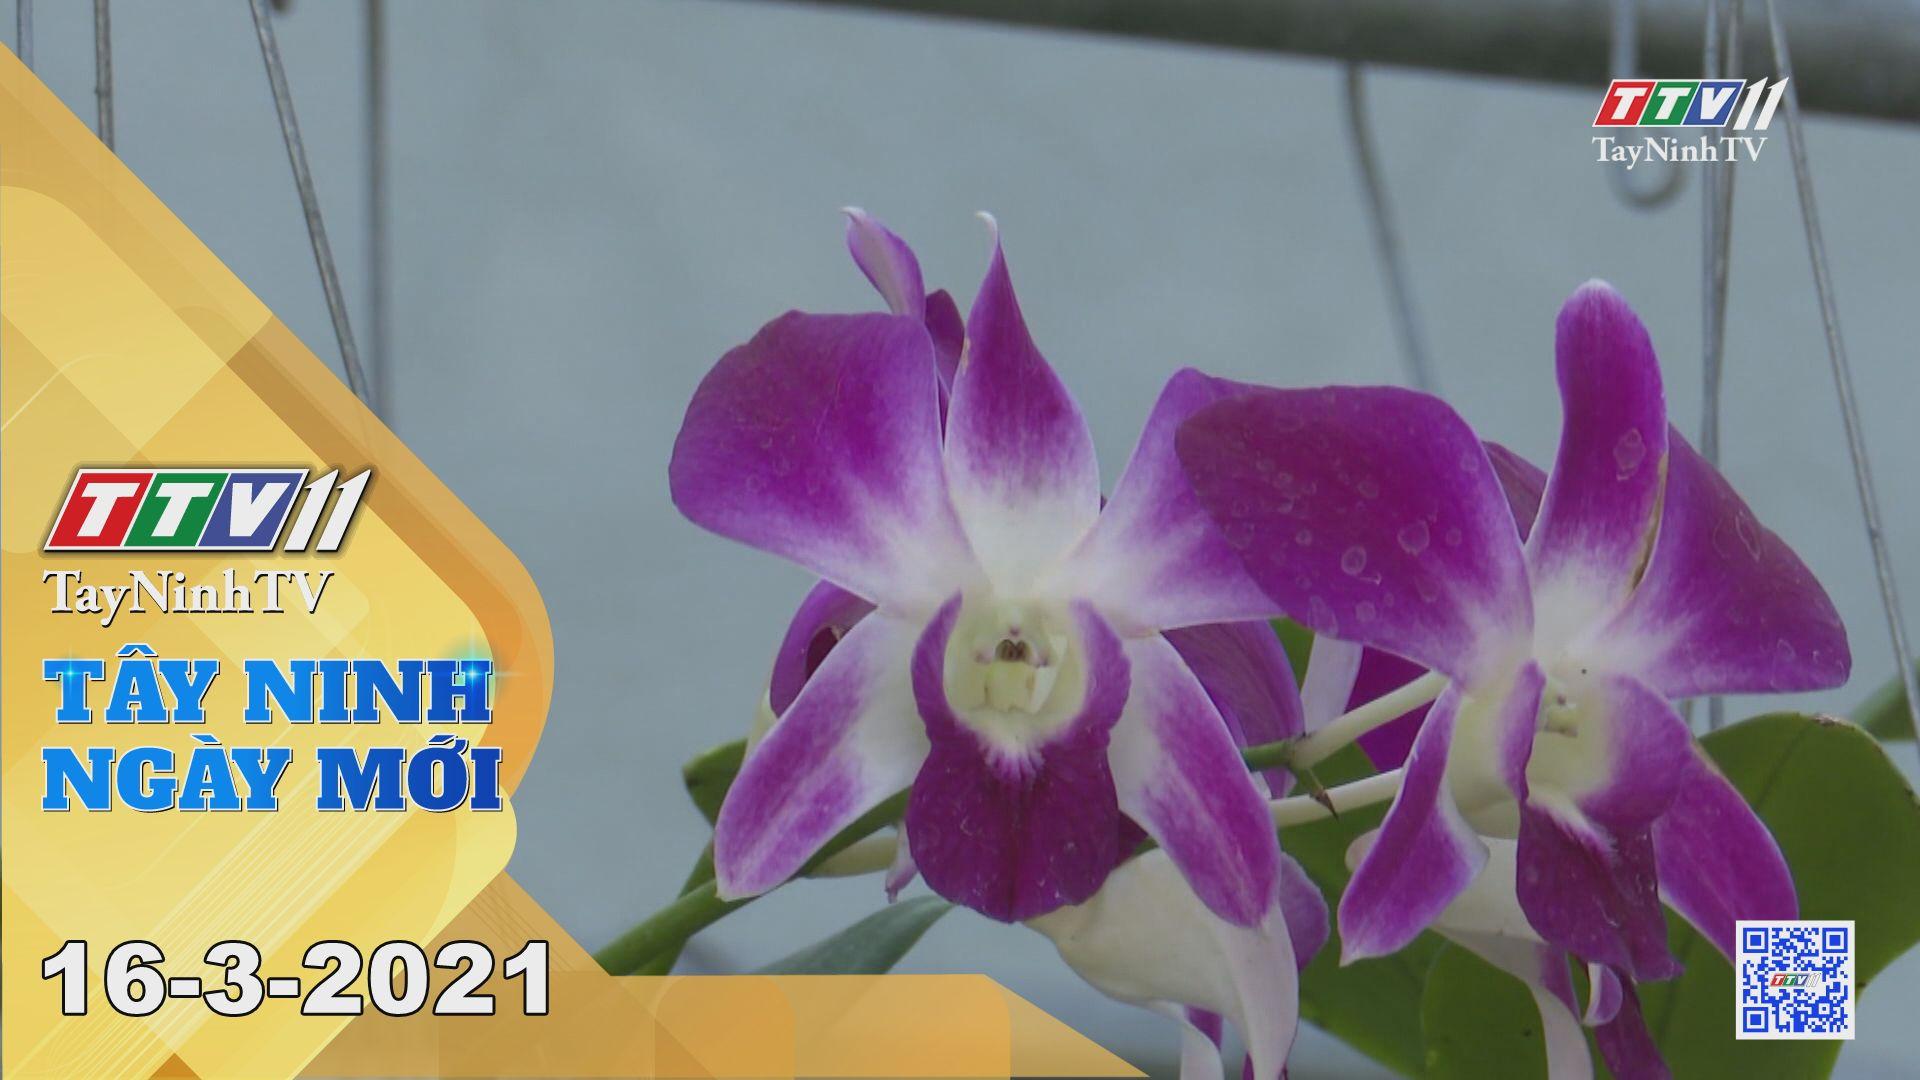 Tây Ninh Ngày Mới 16-3-2021 | Tin tức hôm nay | TayNinhTV